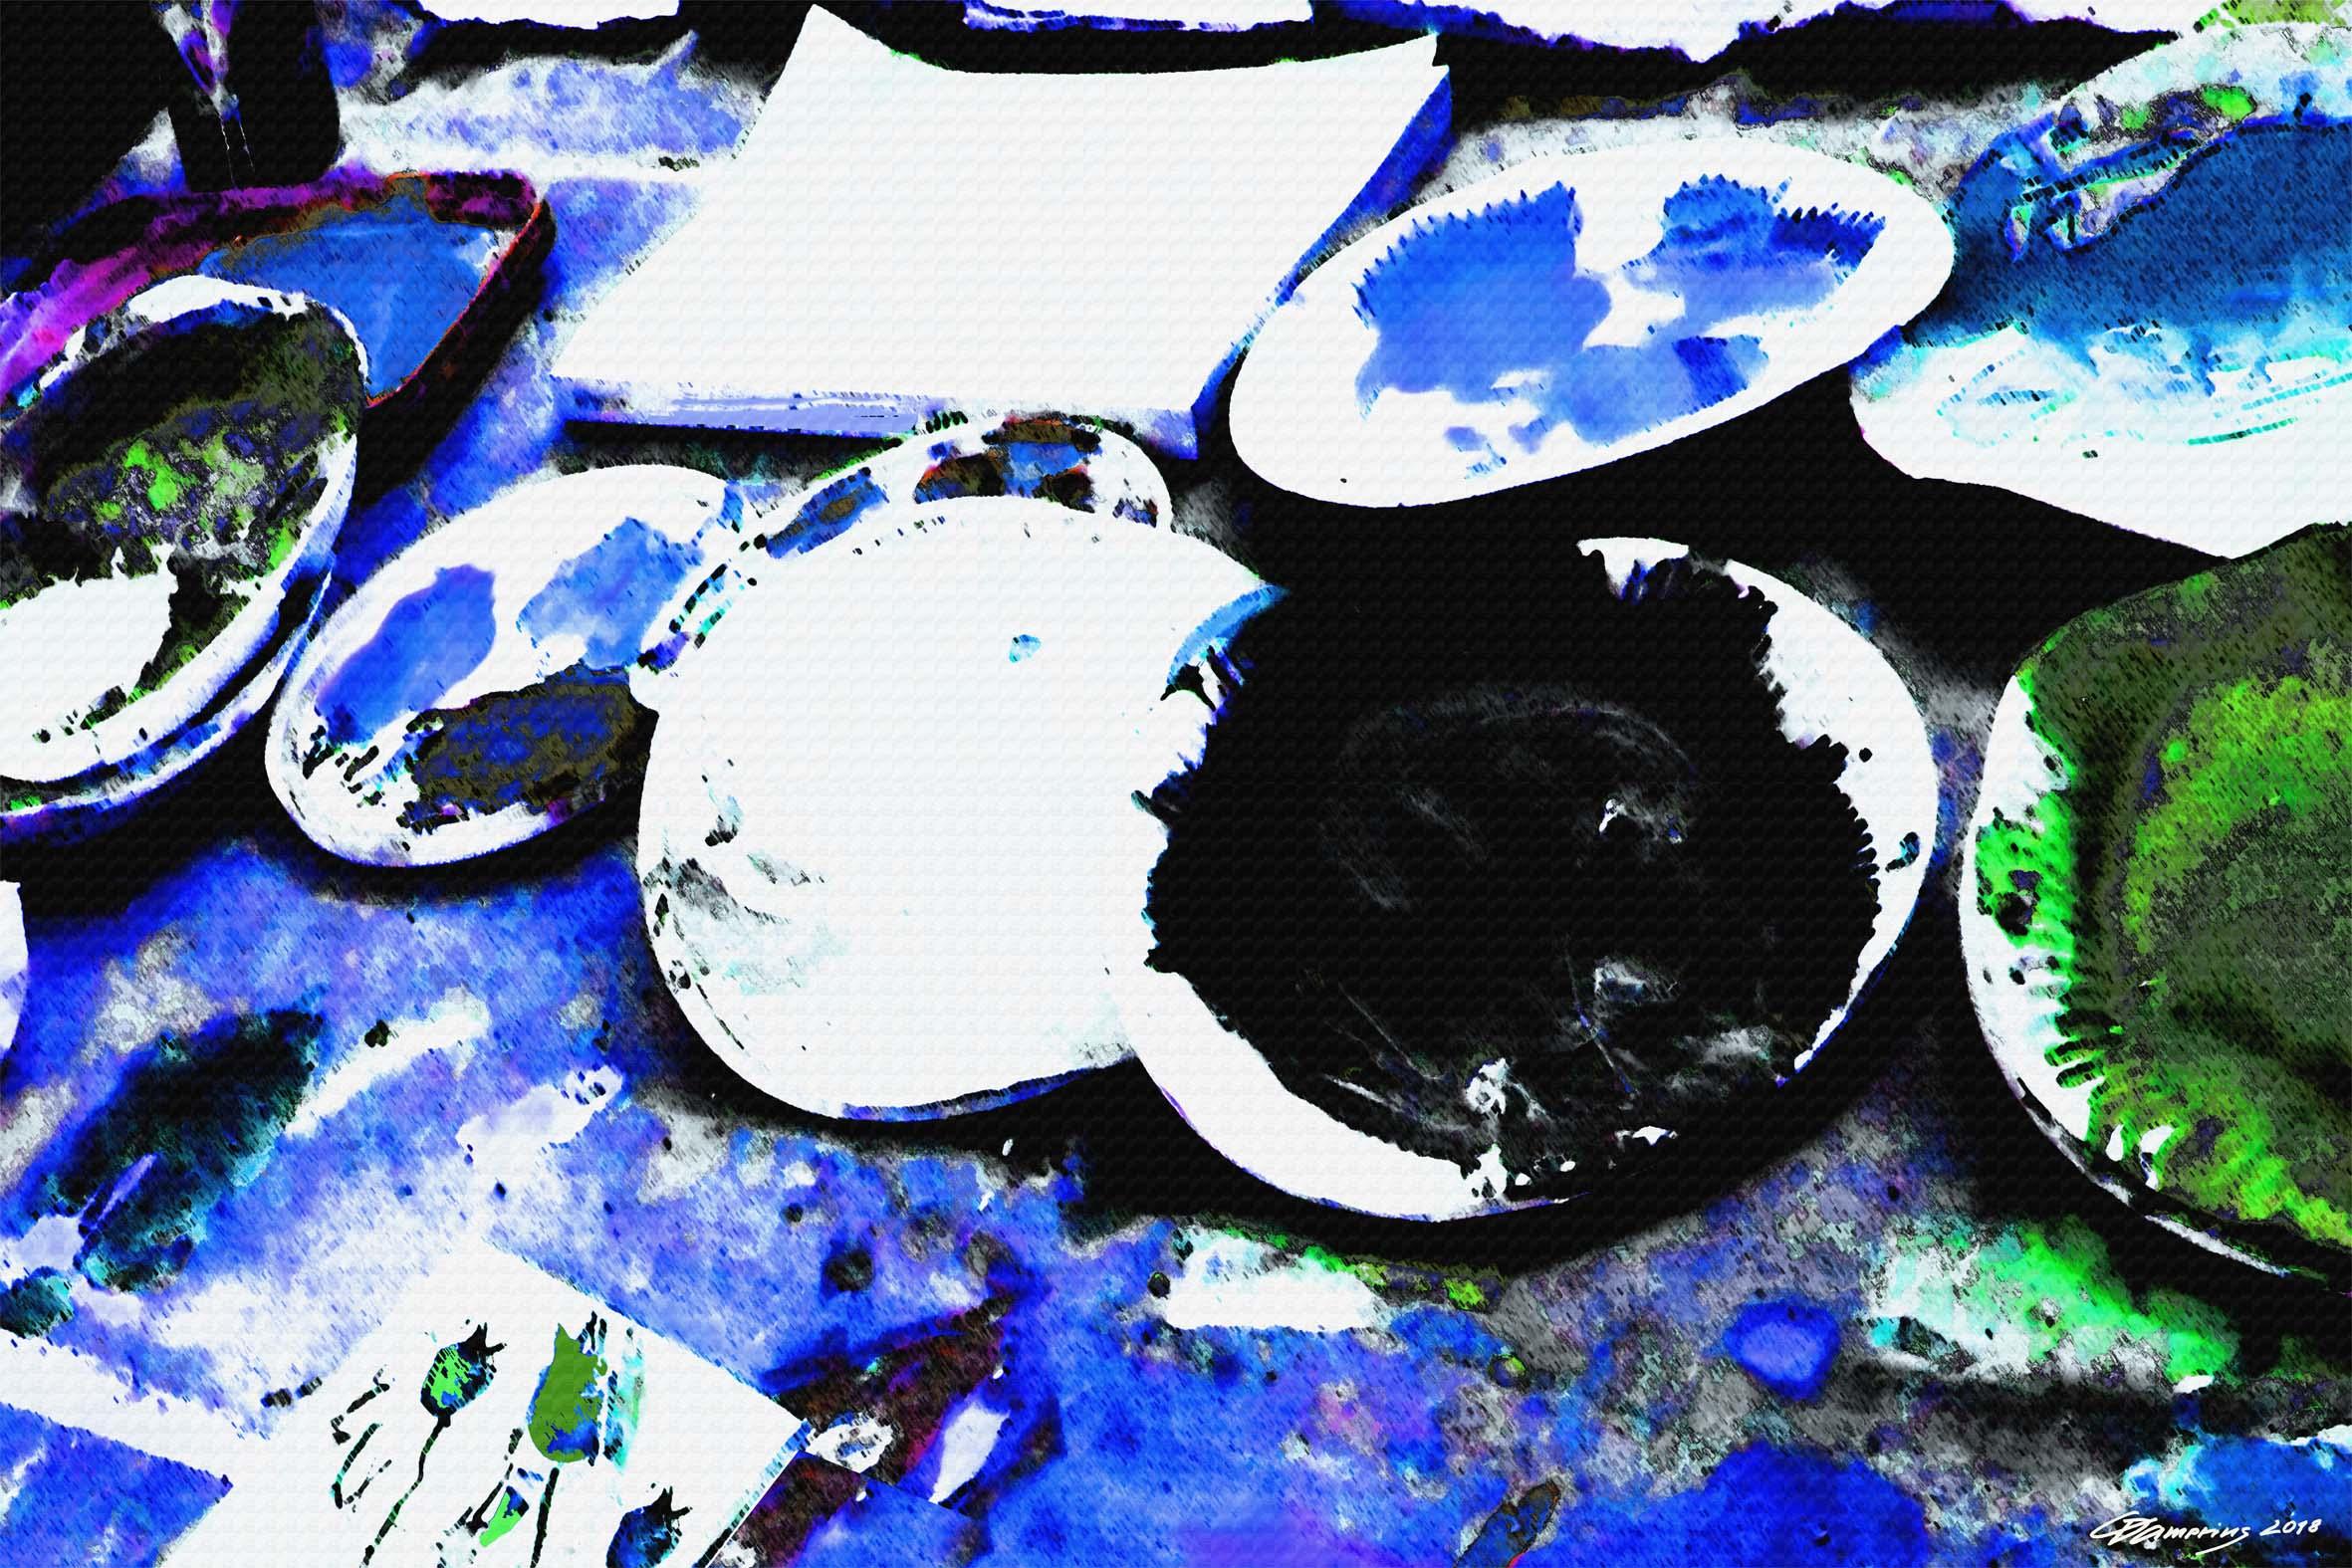 pappteller auf blauem tisch,CHRISTIAN DAMERIUS,kunstdrucke moderne malerei online kaufen,moderne bilderwände gestalten,einrichtungshäuser kunstdrucke kaufen,